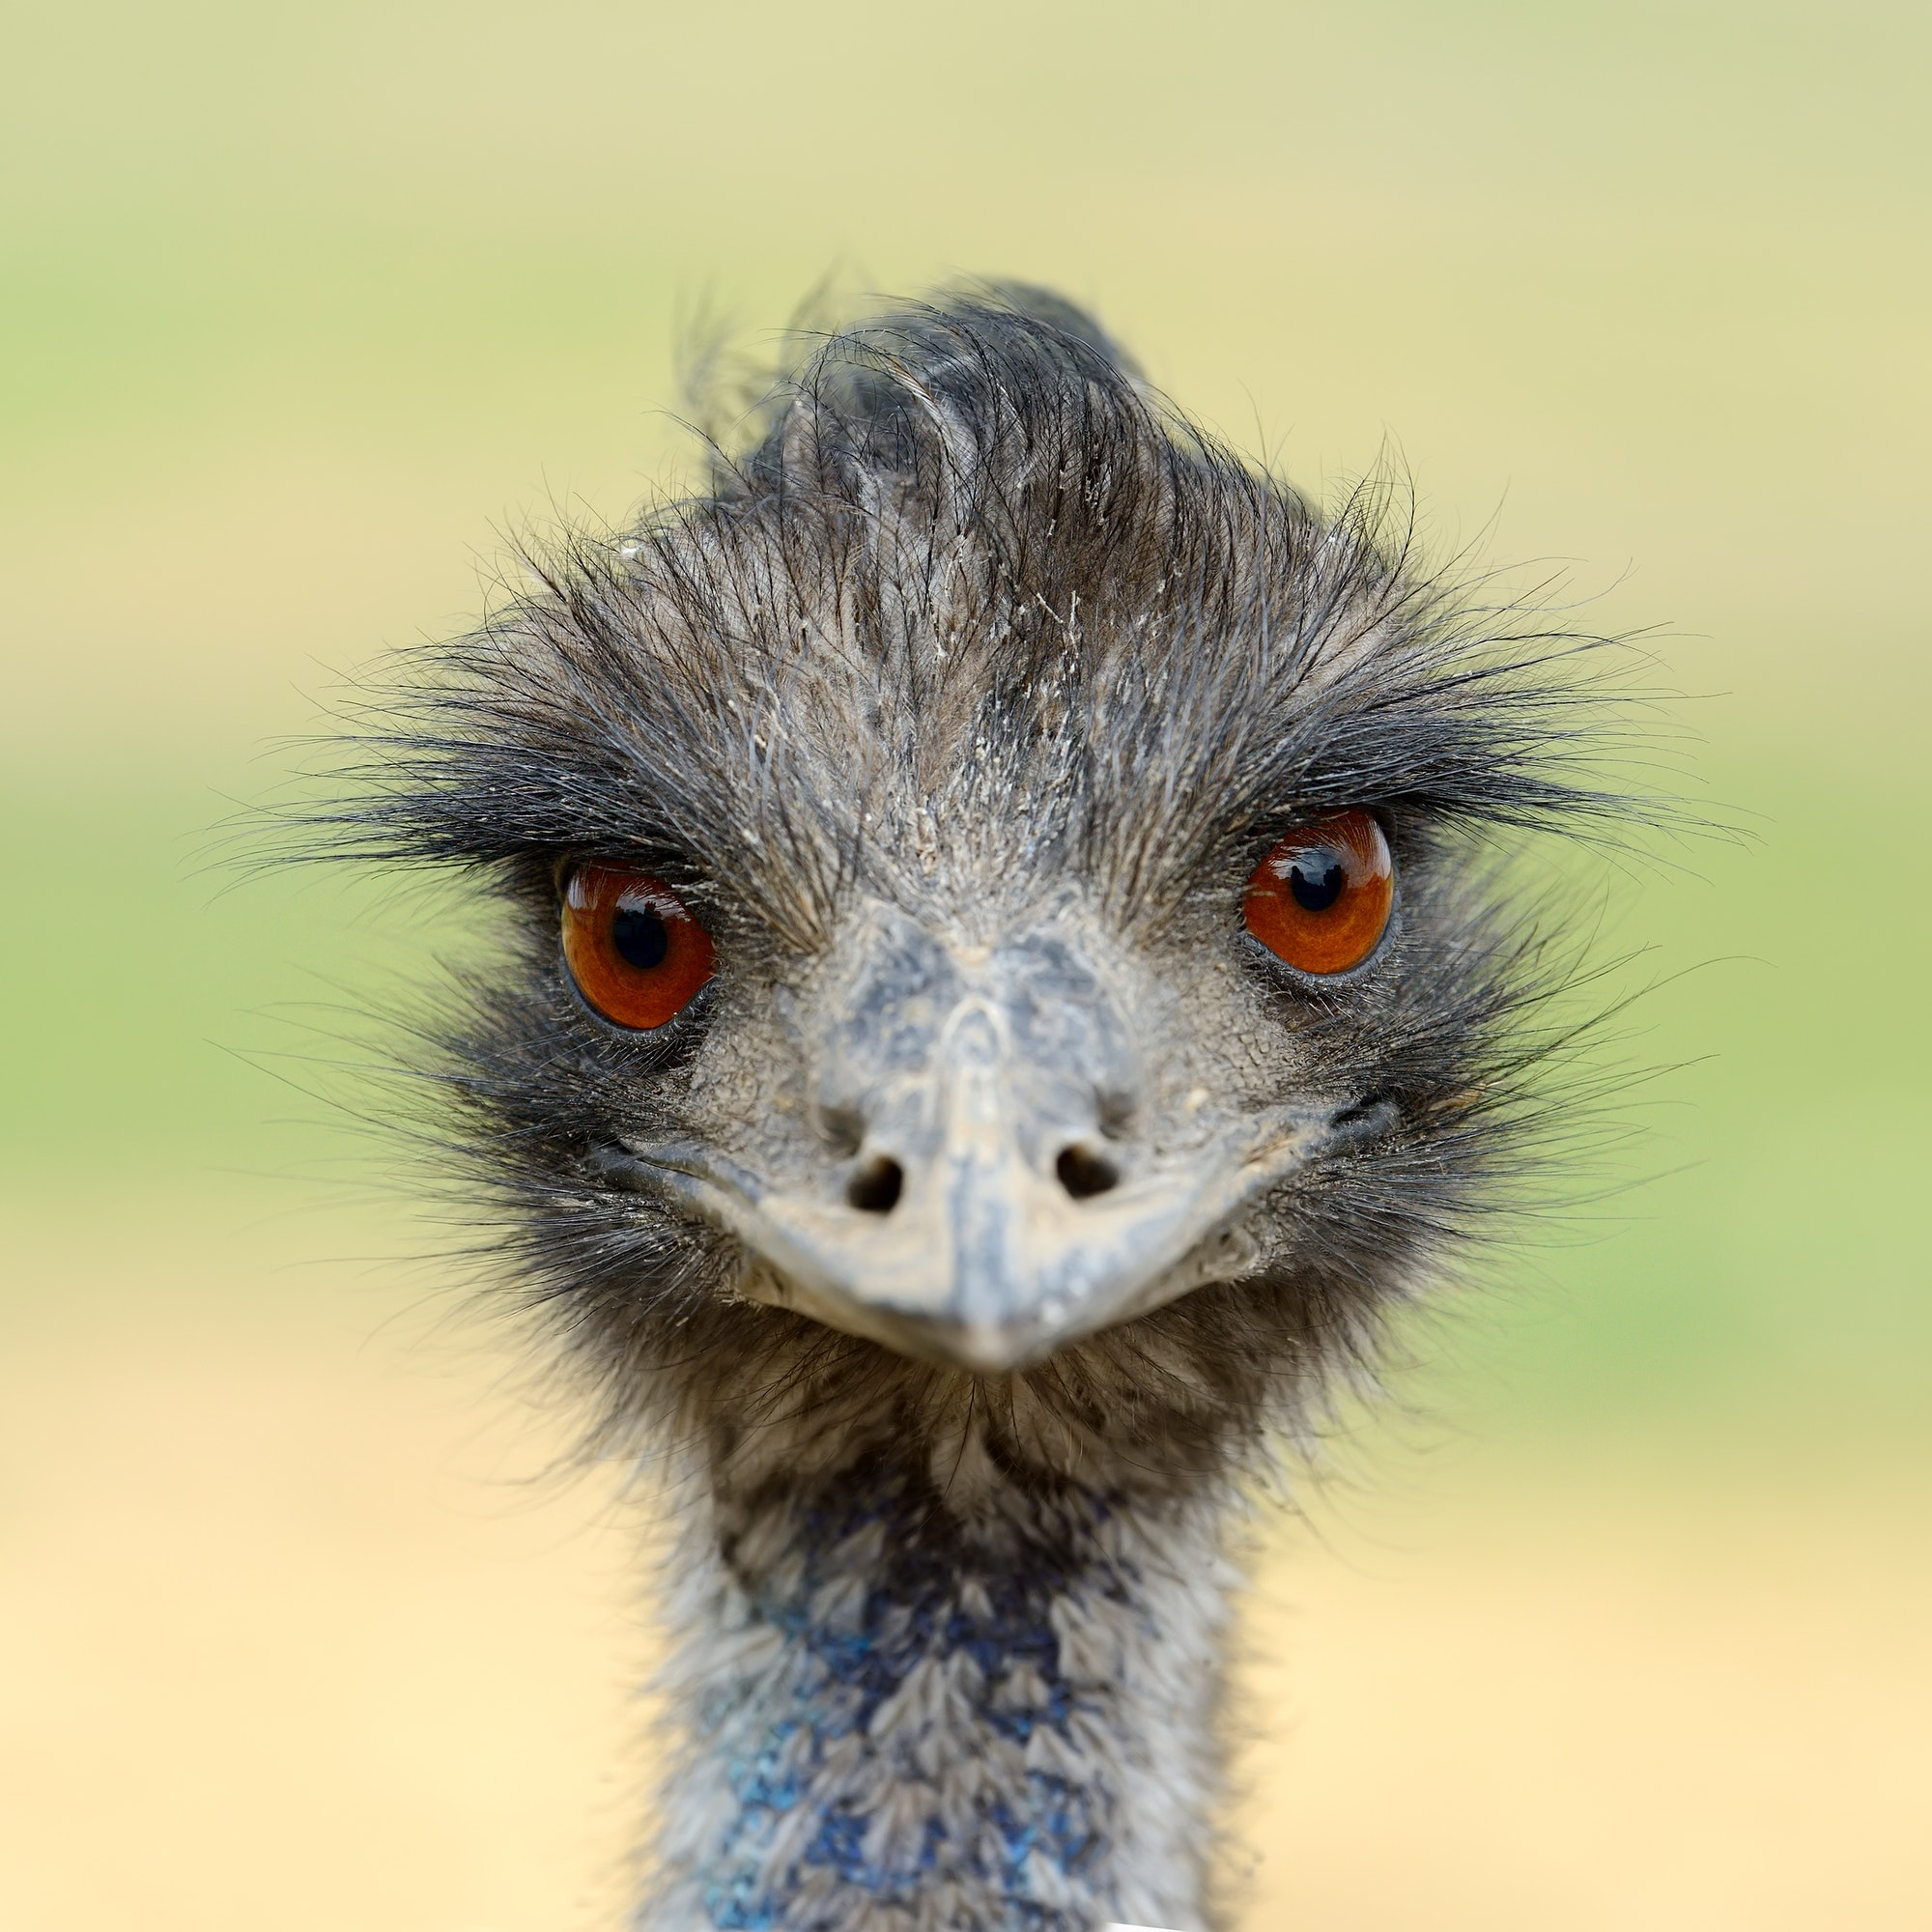 Close ostrich bird in nature